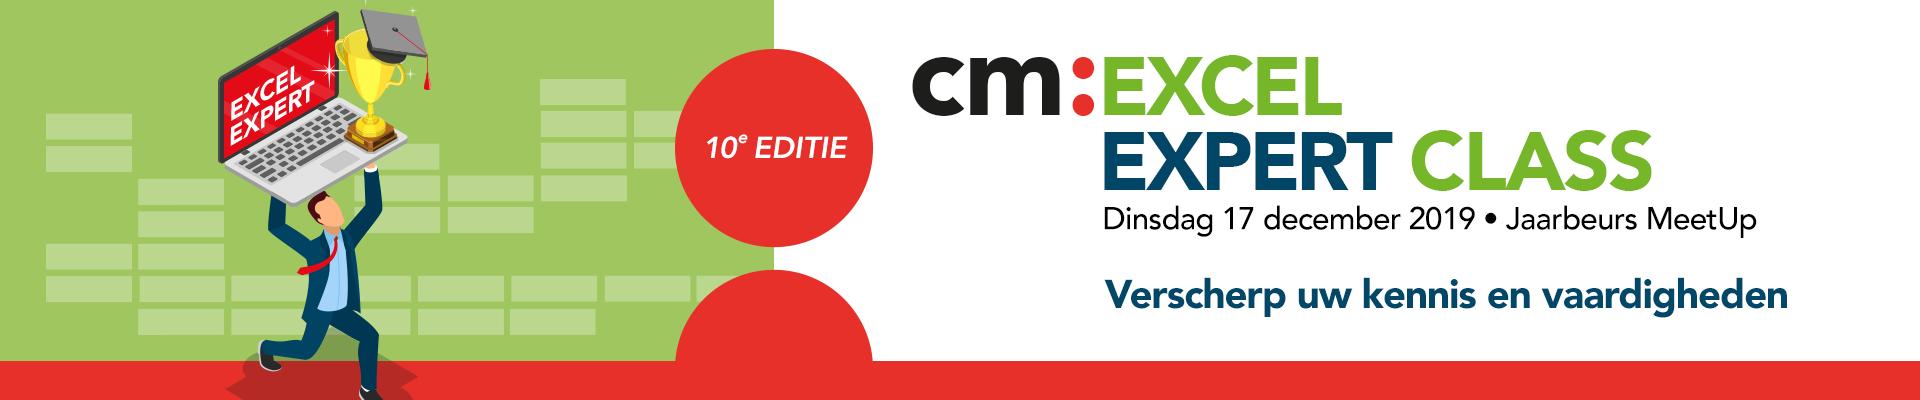 Excel Expert Class 2019